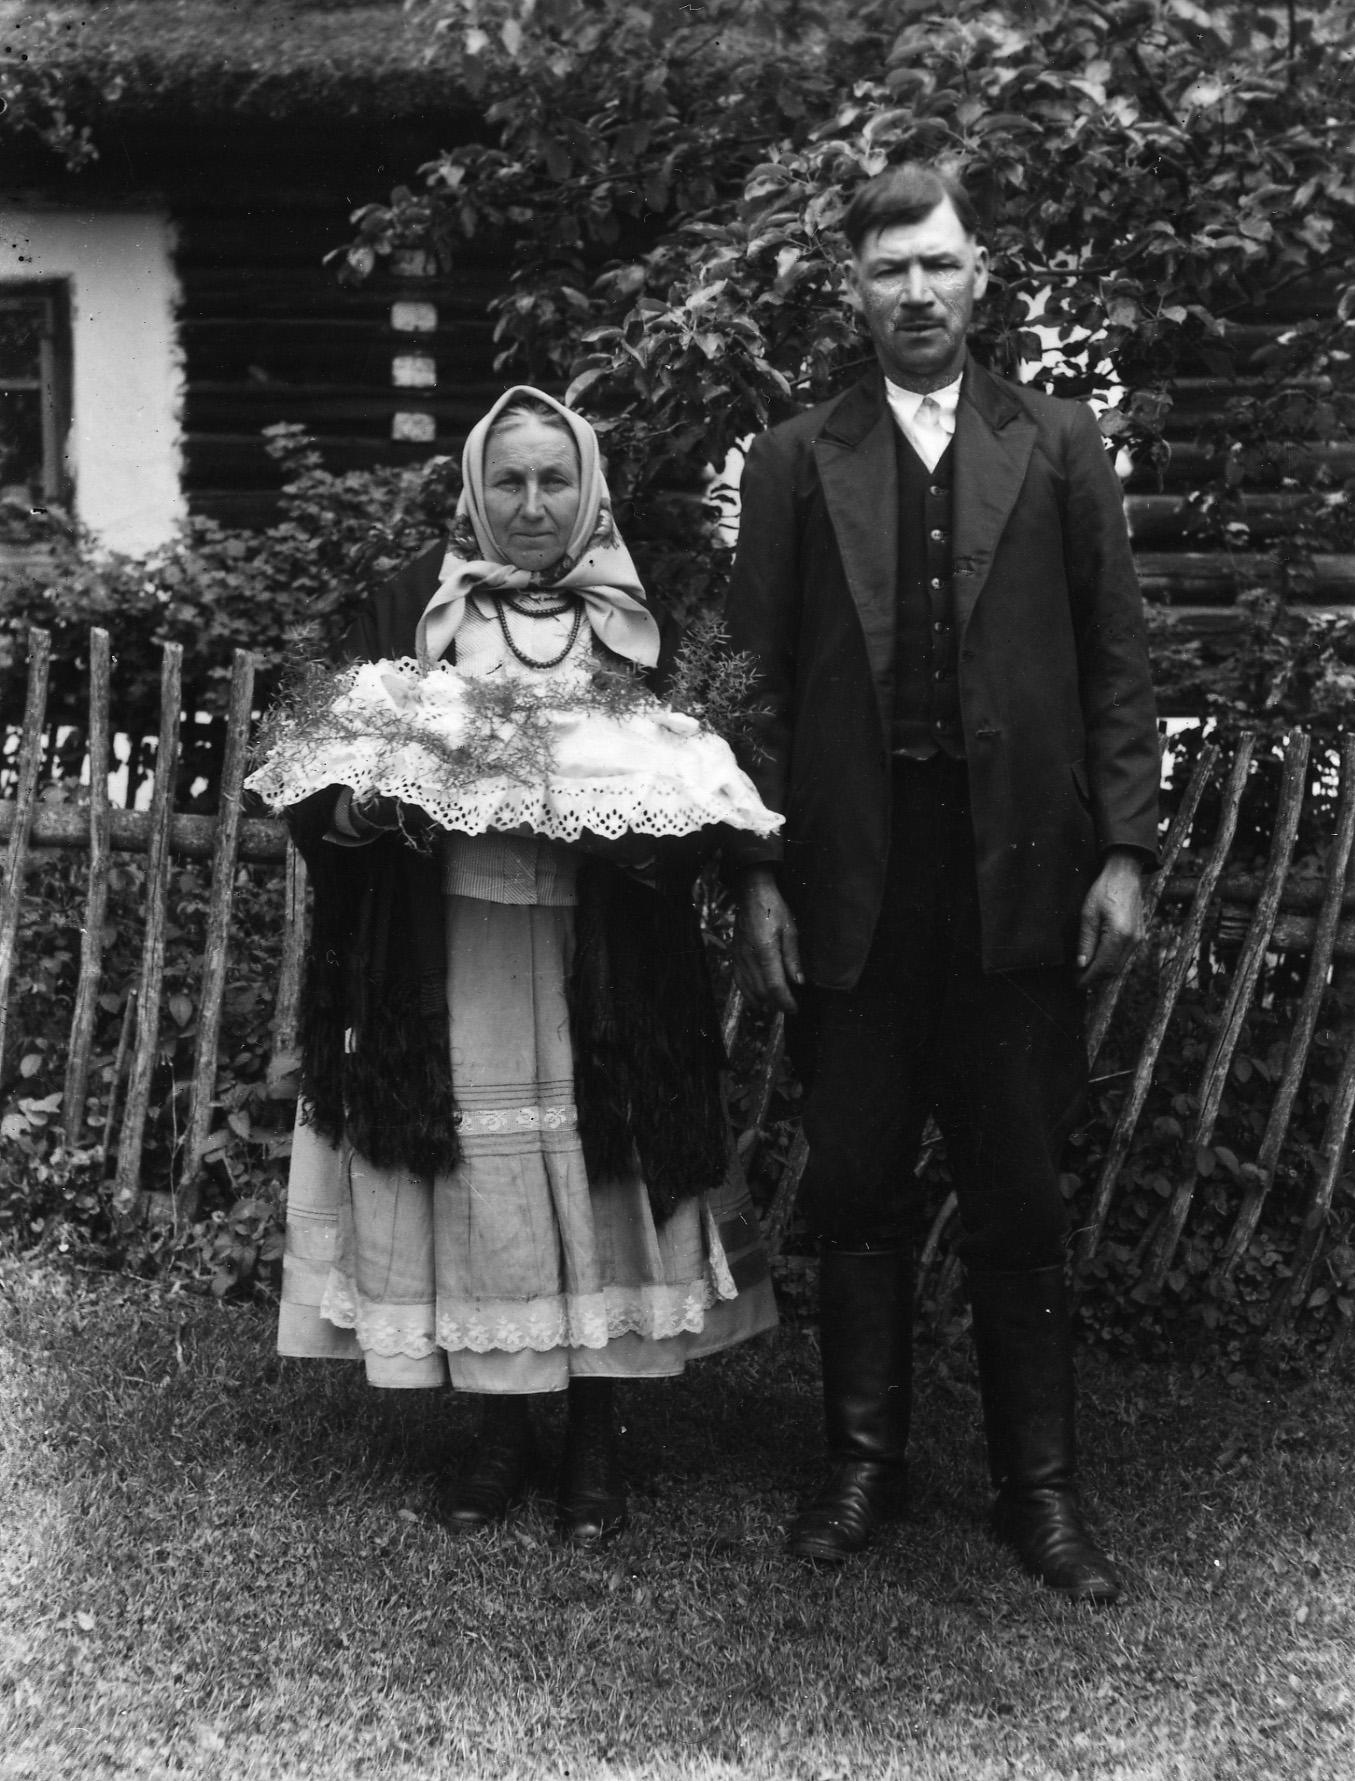 Zdjęcia czarno-białe. Kobieta i mężczyna odwiętnie ubrani stoją przed domem. Kobieta trzyma podszukę z dzieckie a niej leżą rośliny. Udją się na chrzest dziecka.